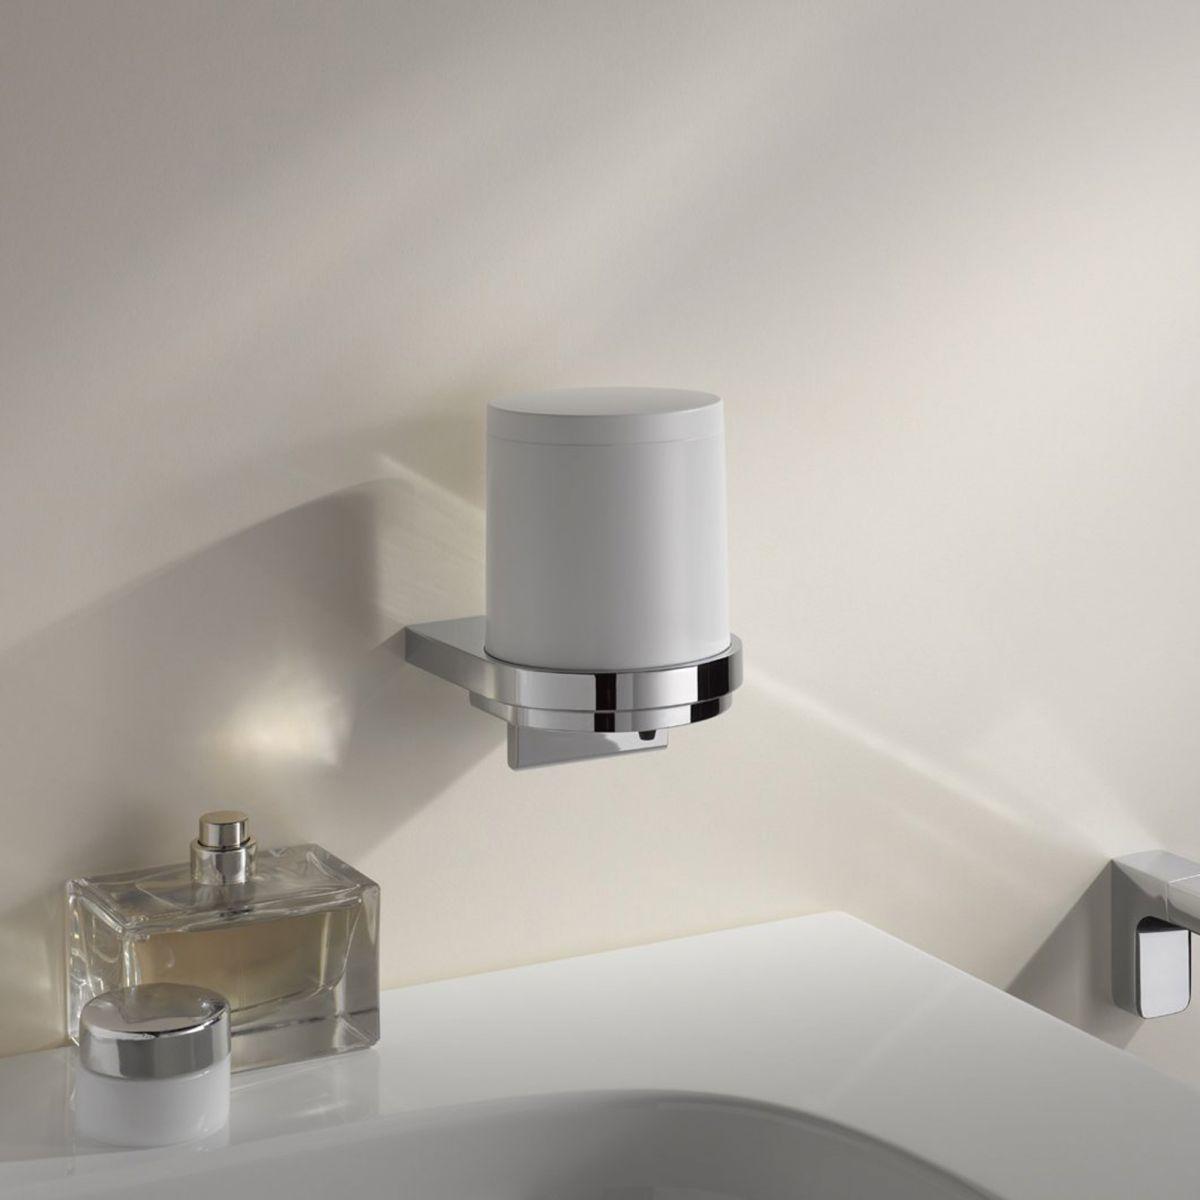 Keuco Moll Liquid Soap Dispenser  UK Bathrooms